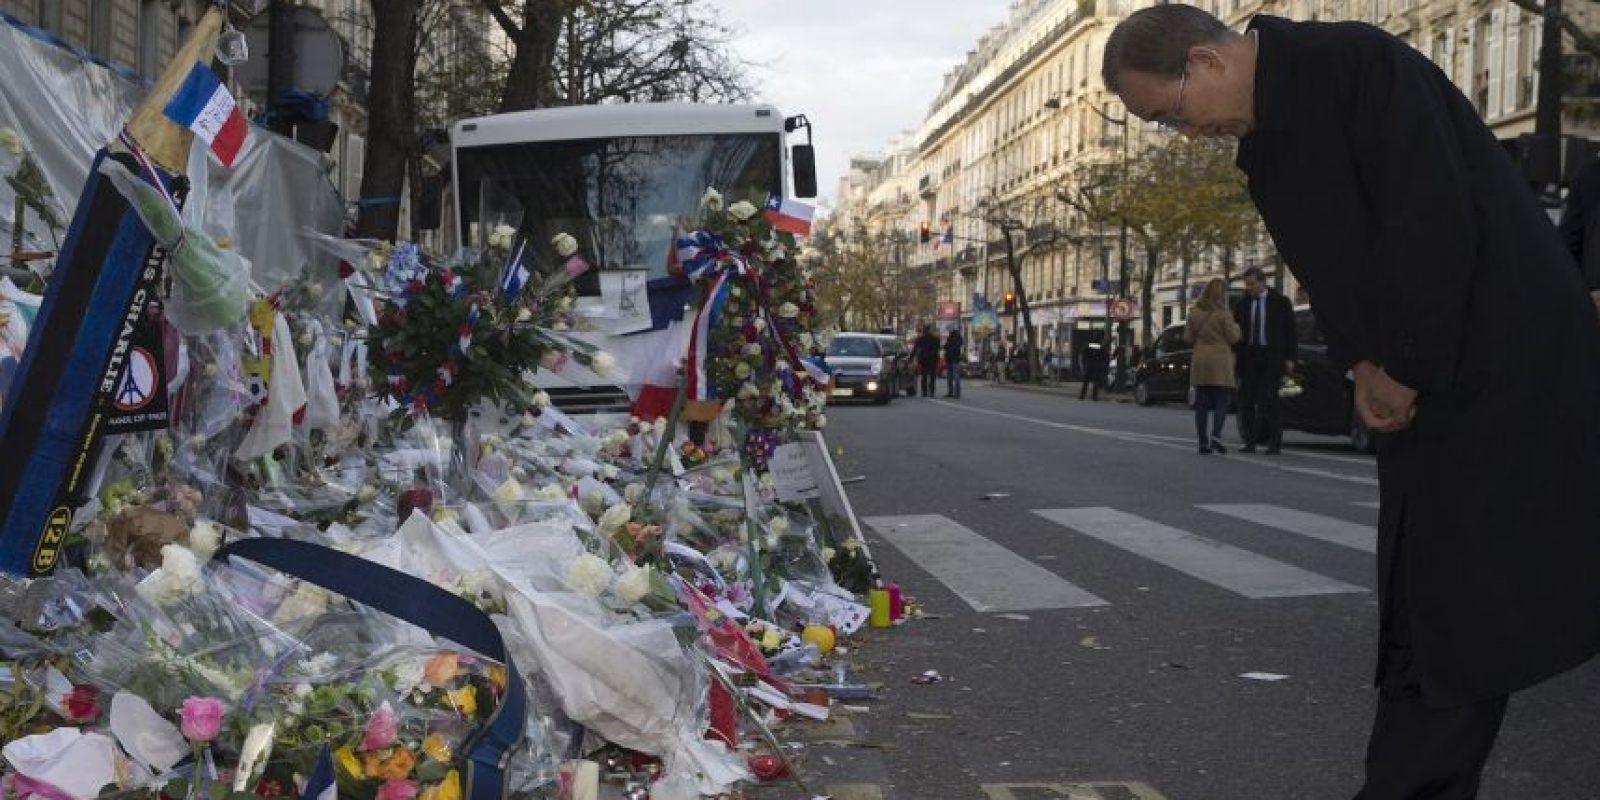 Rinden homenaje a las víctimas de los atentados terroristas en París. Foto:AFP